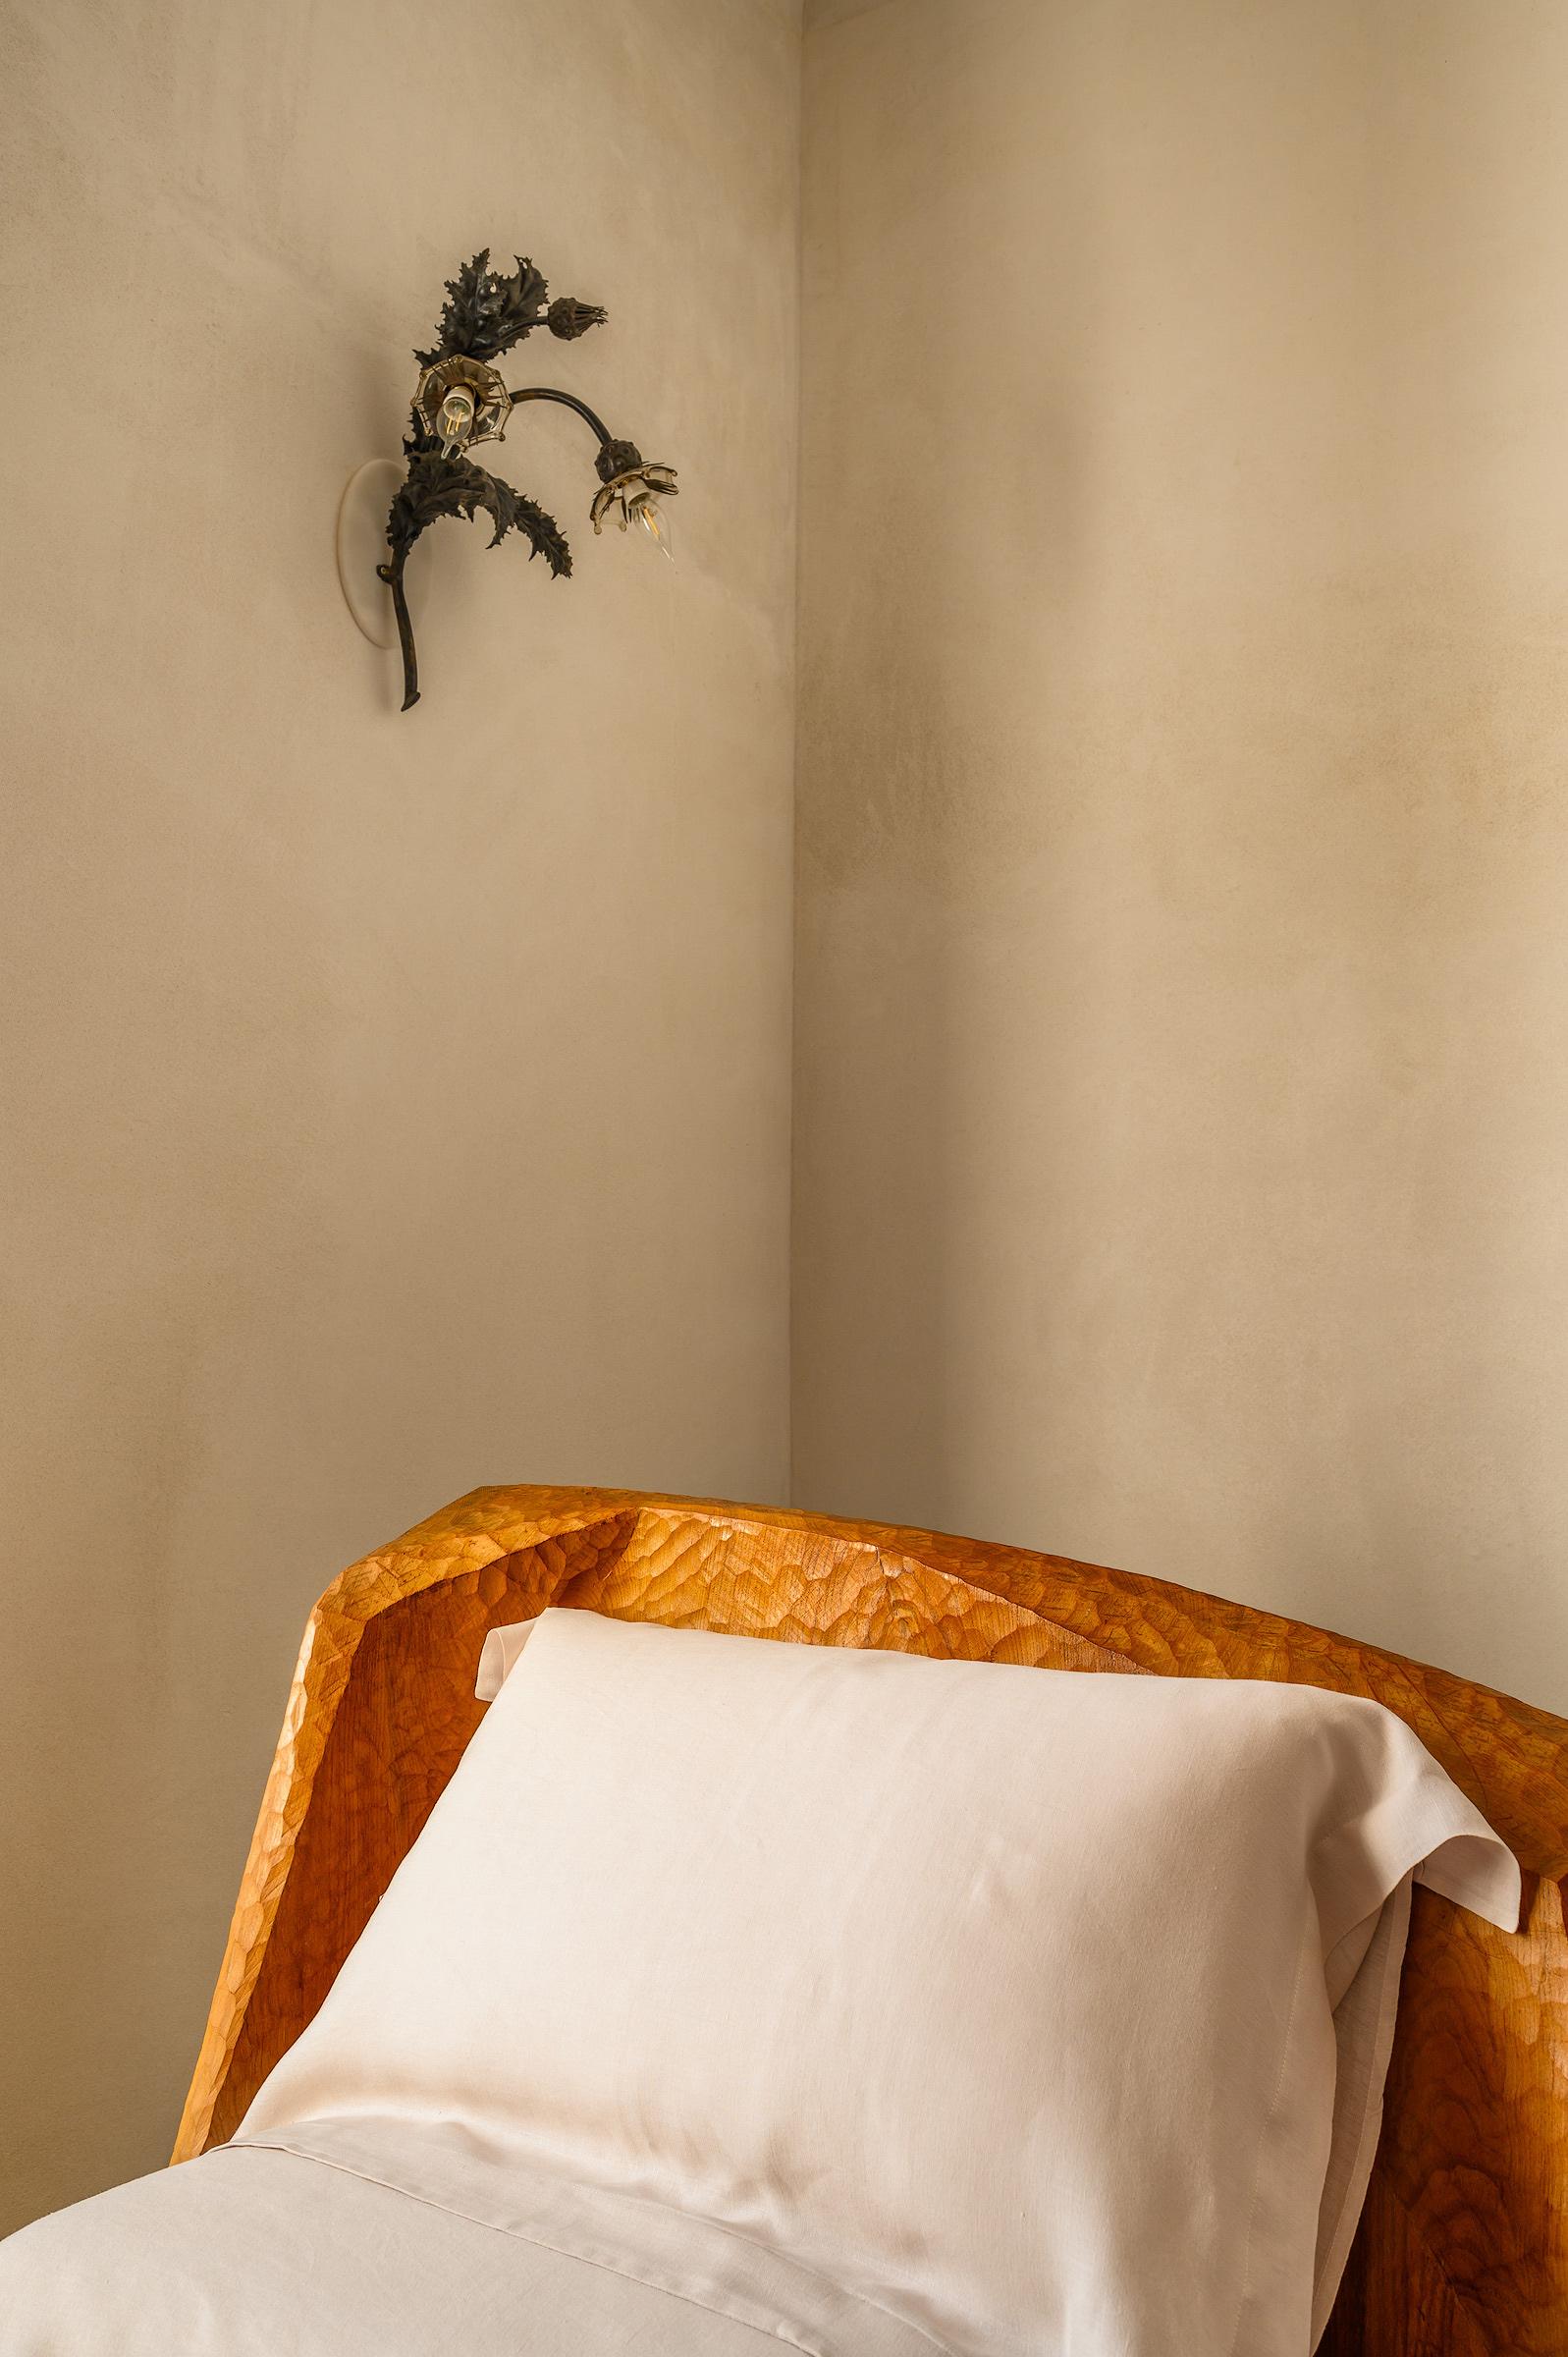 dalicenca-pt-stay-room-mybed-4